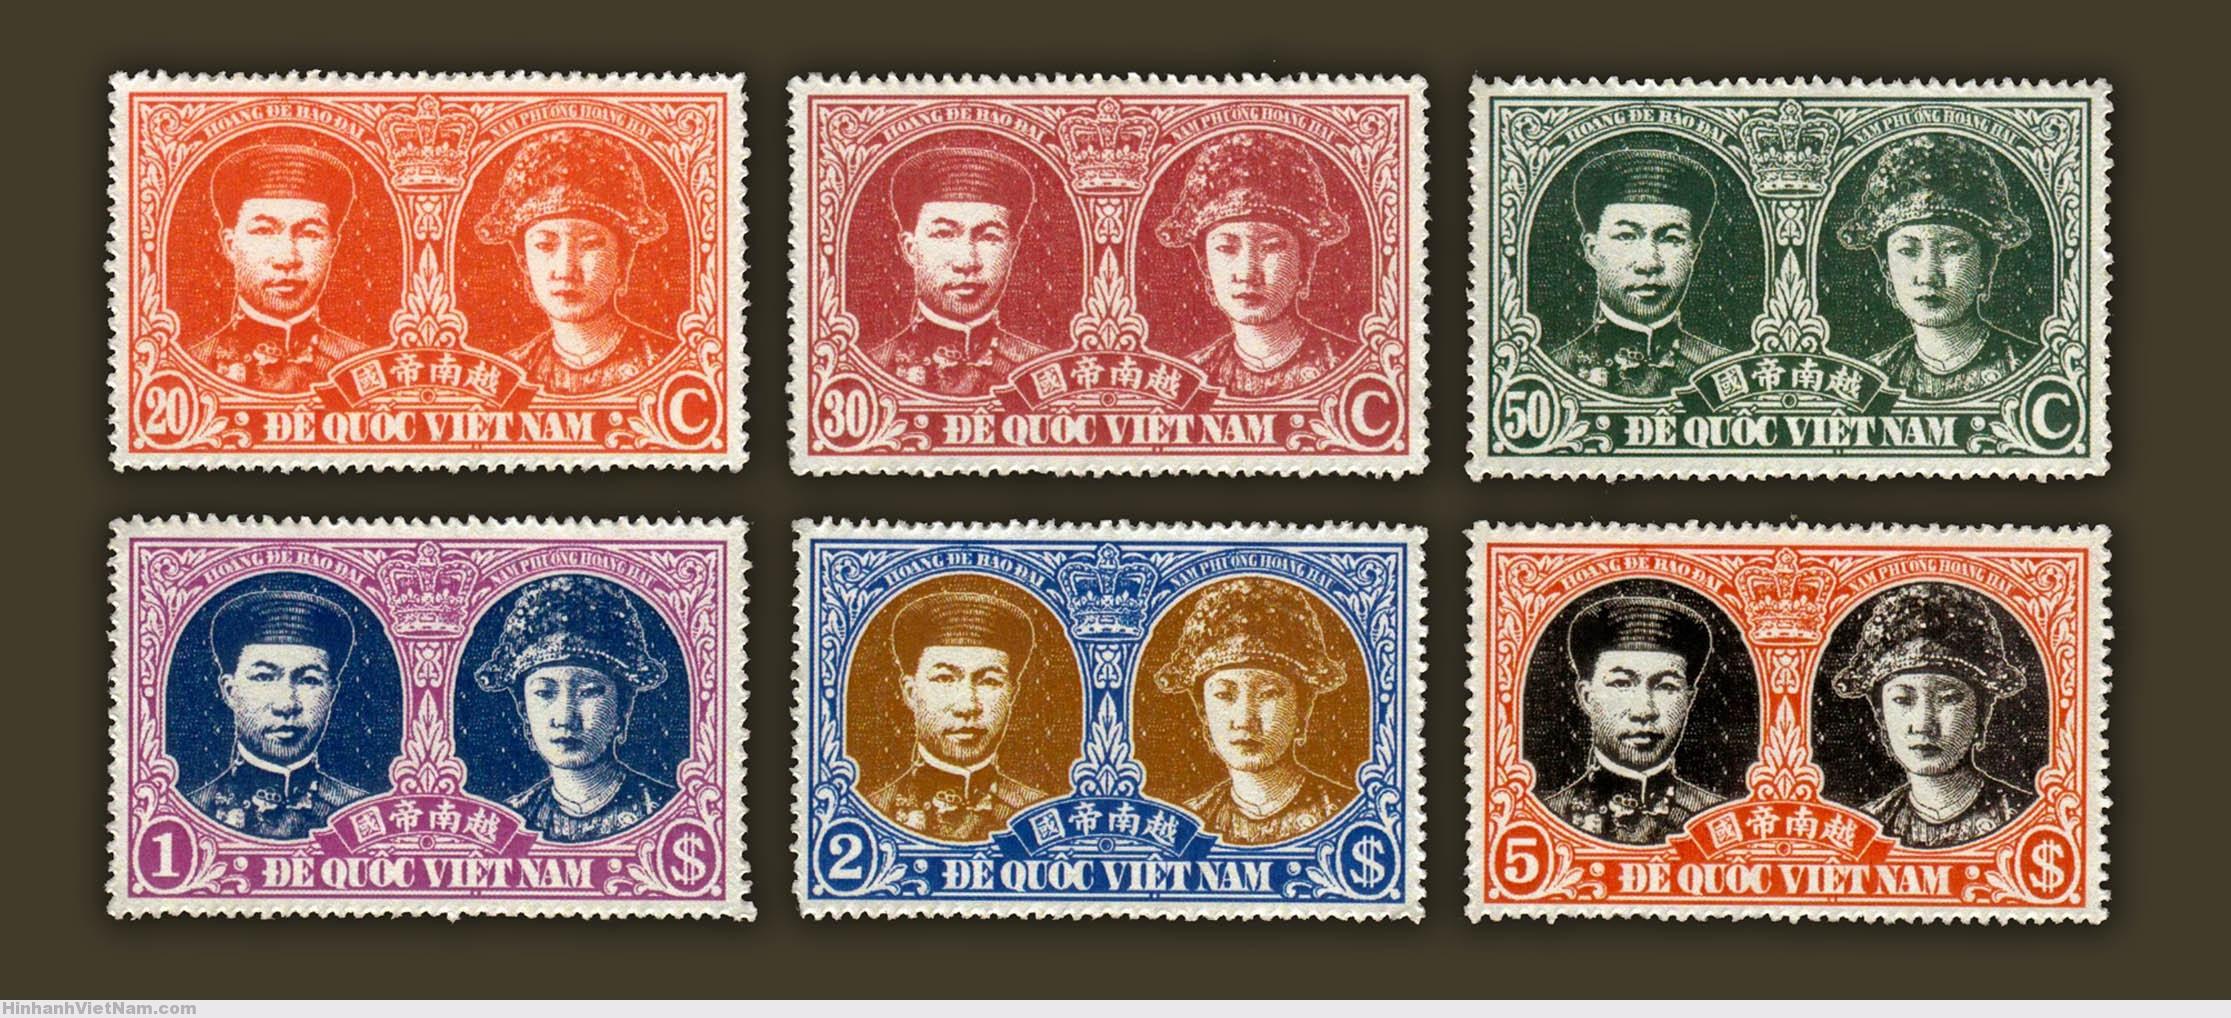 1945 ĐẾ QUỐC VIỆT NAM – Hoàng đế Bảo Đại & Nam Phương Hoàng Hậu (mẫu tem in thử)